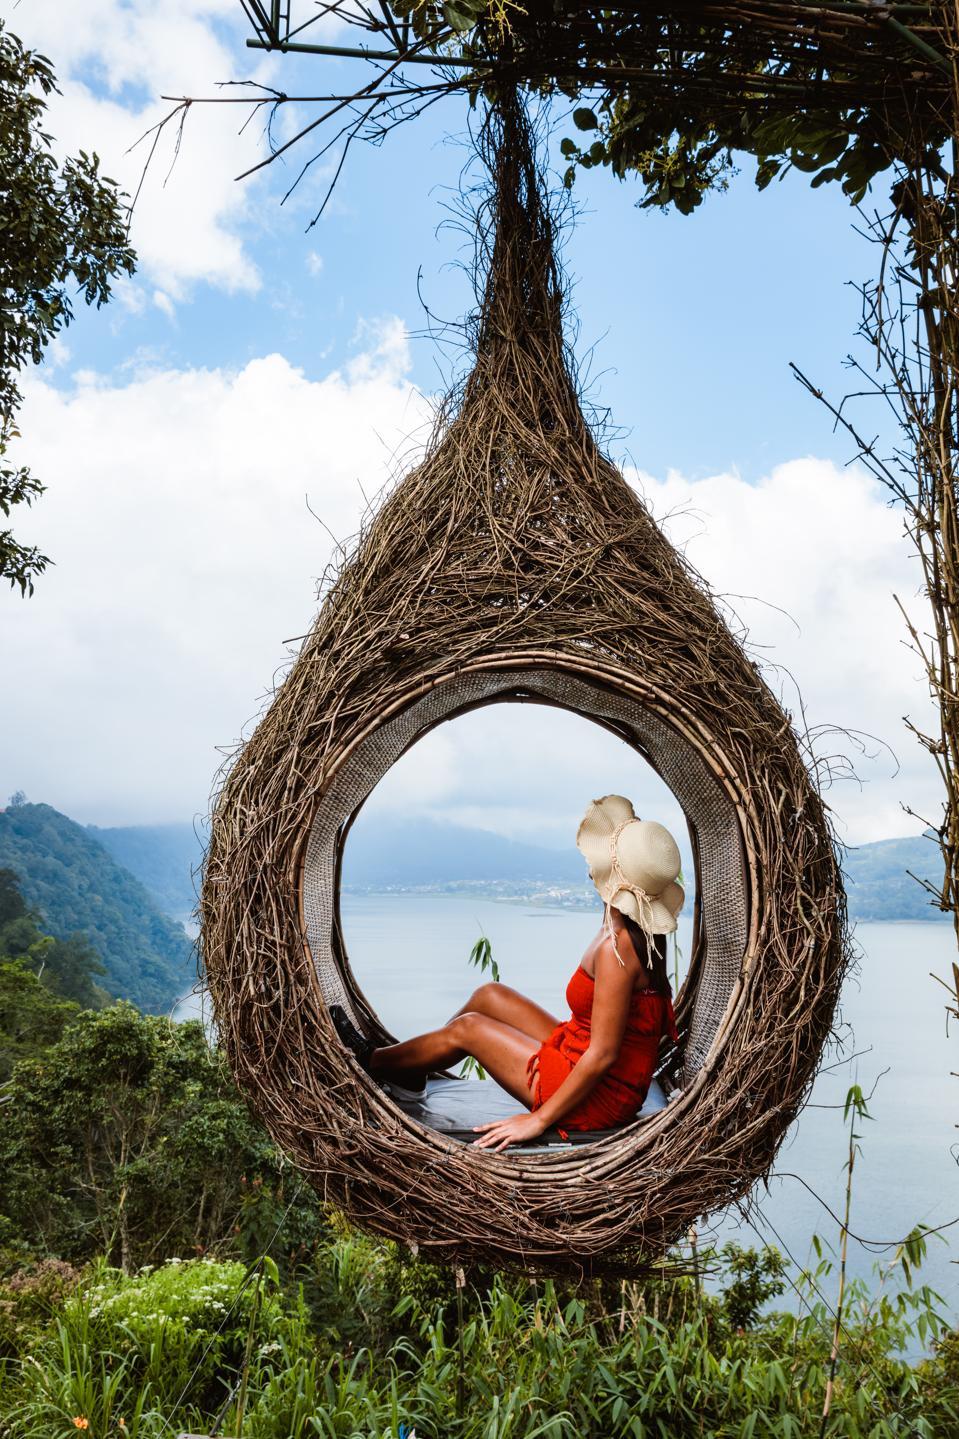 Woman inside a swing nest over lake, Munduk, Bali